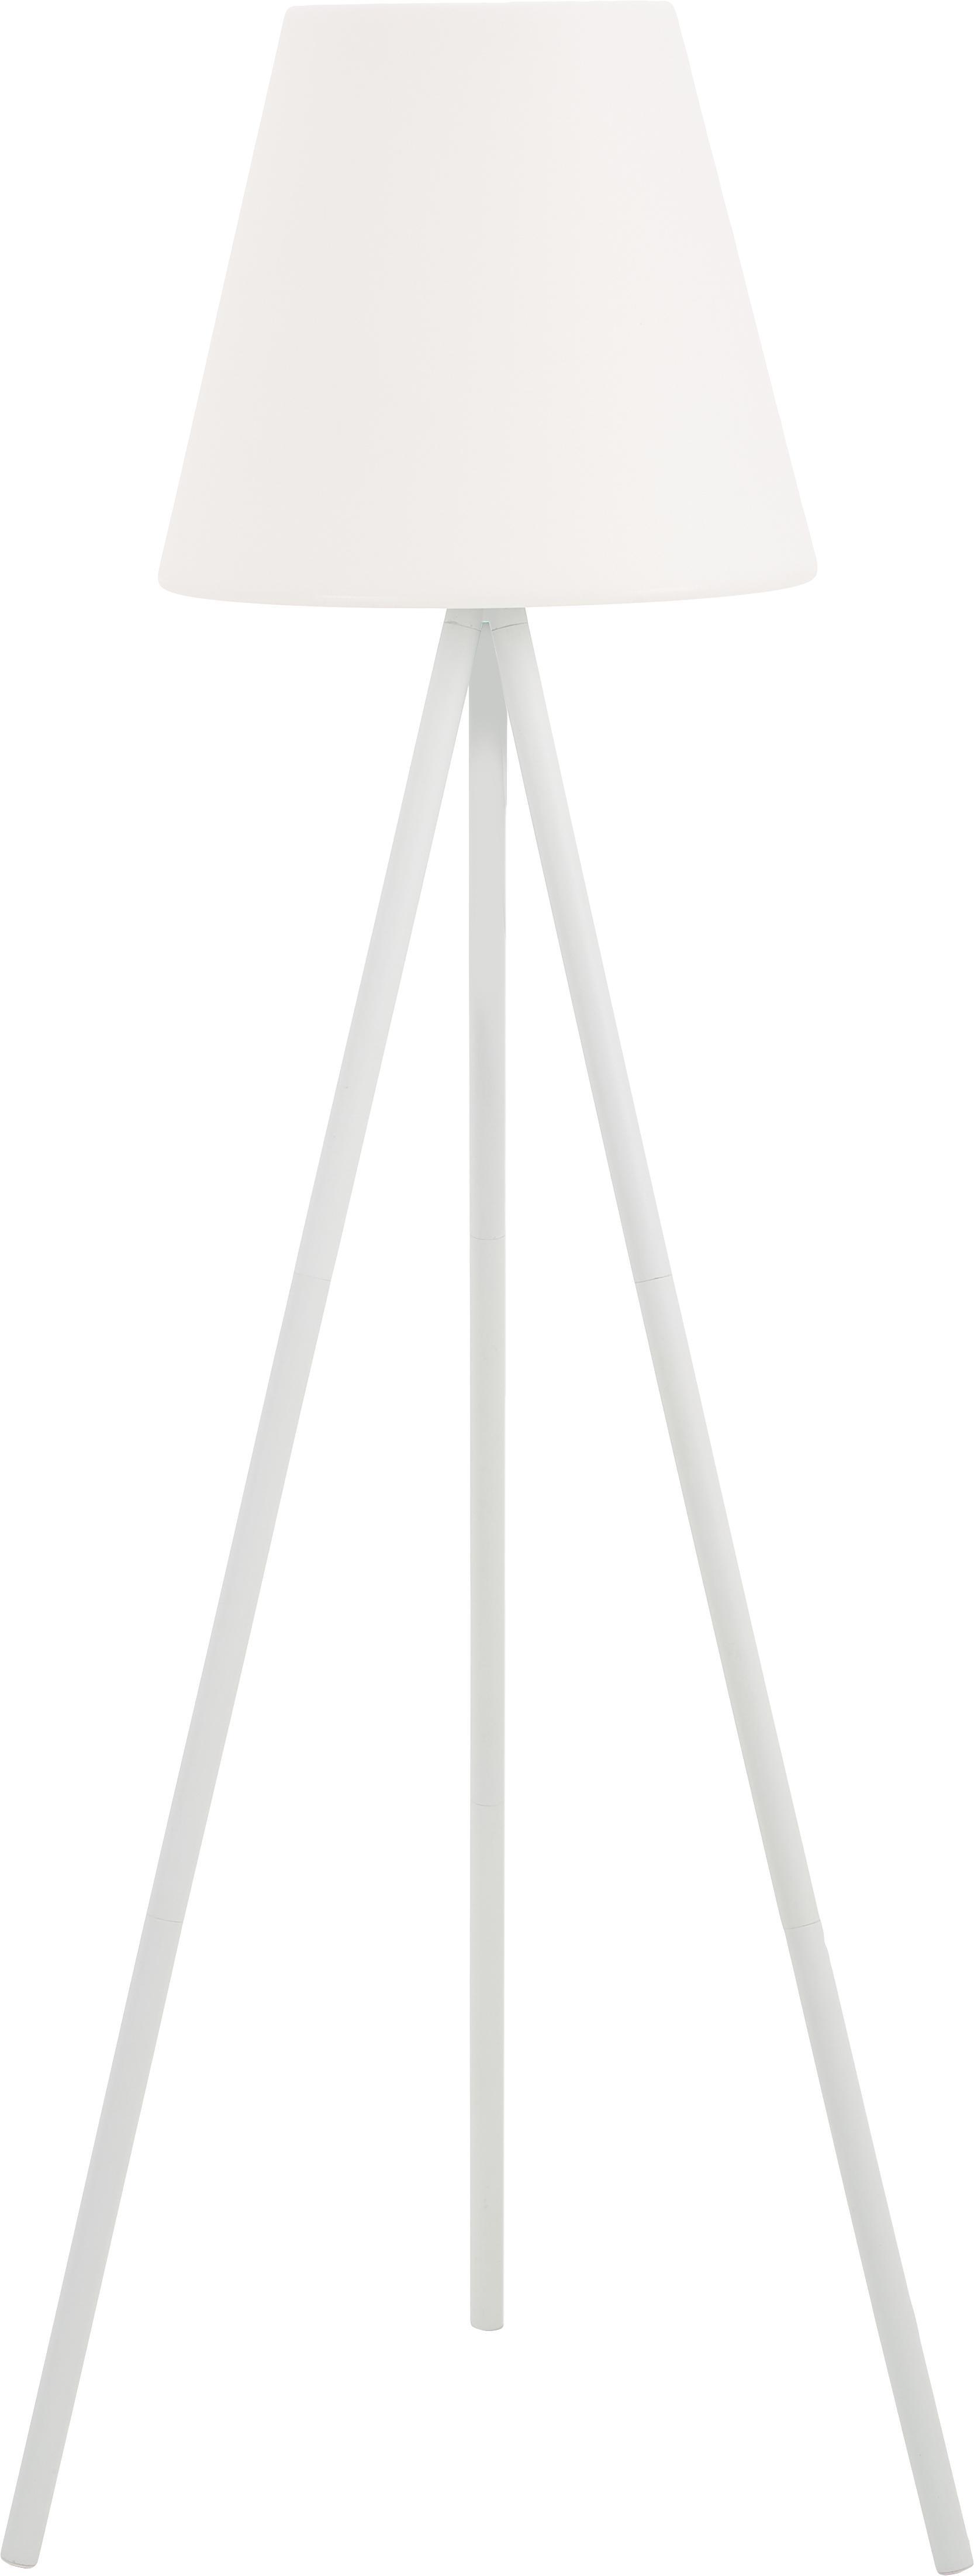 Outdoor vloerlamp Wells in wit, Lampenkap: kunststof, Lampvoet: geanodiseerd aluminium, Wit, Ø 35 x H 134 cm